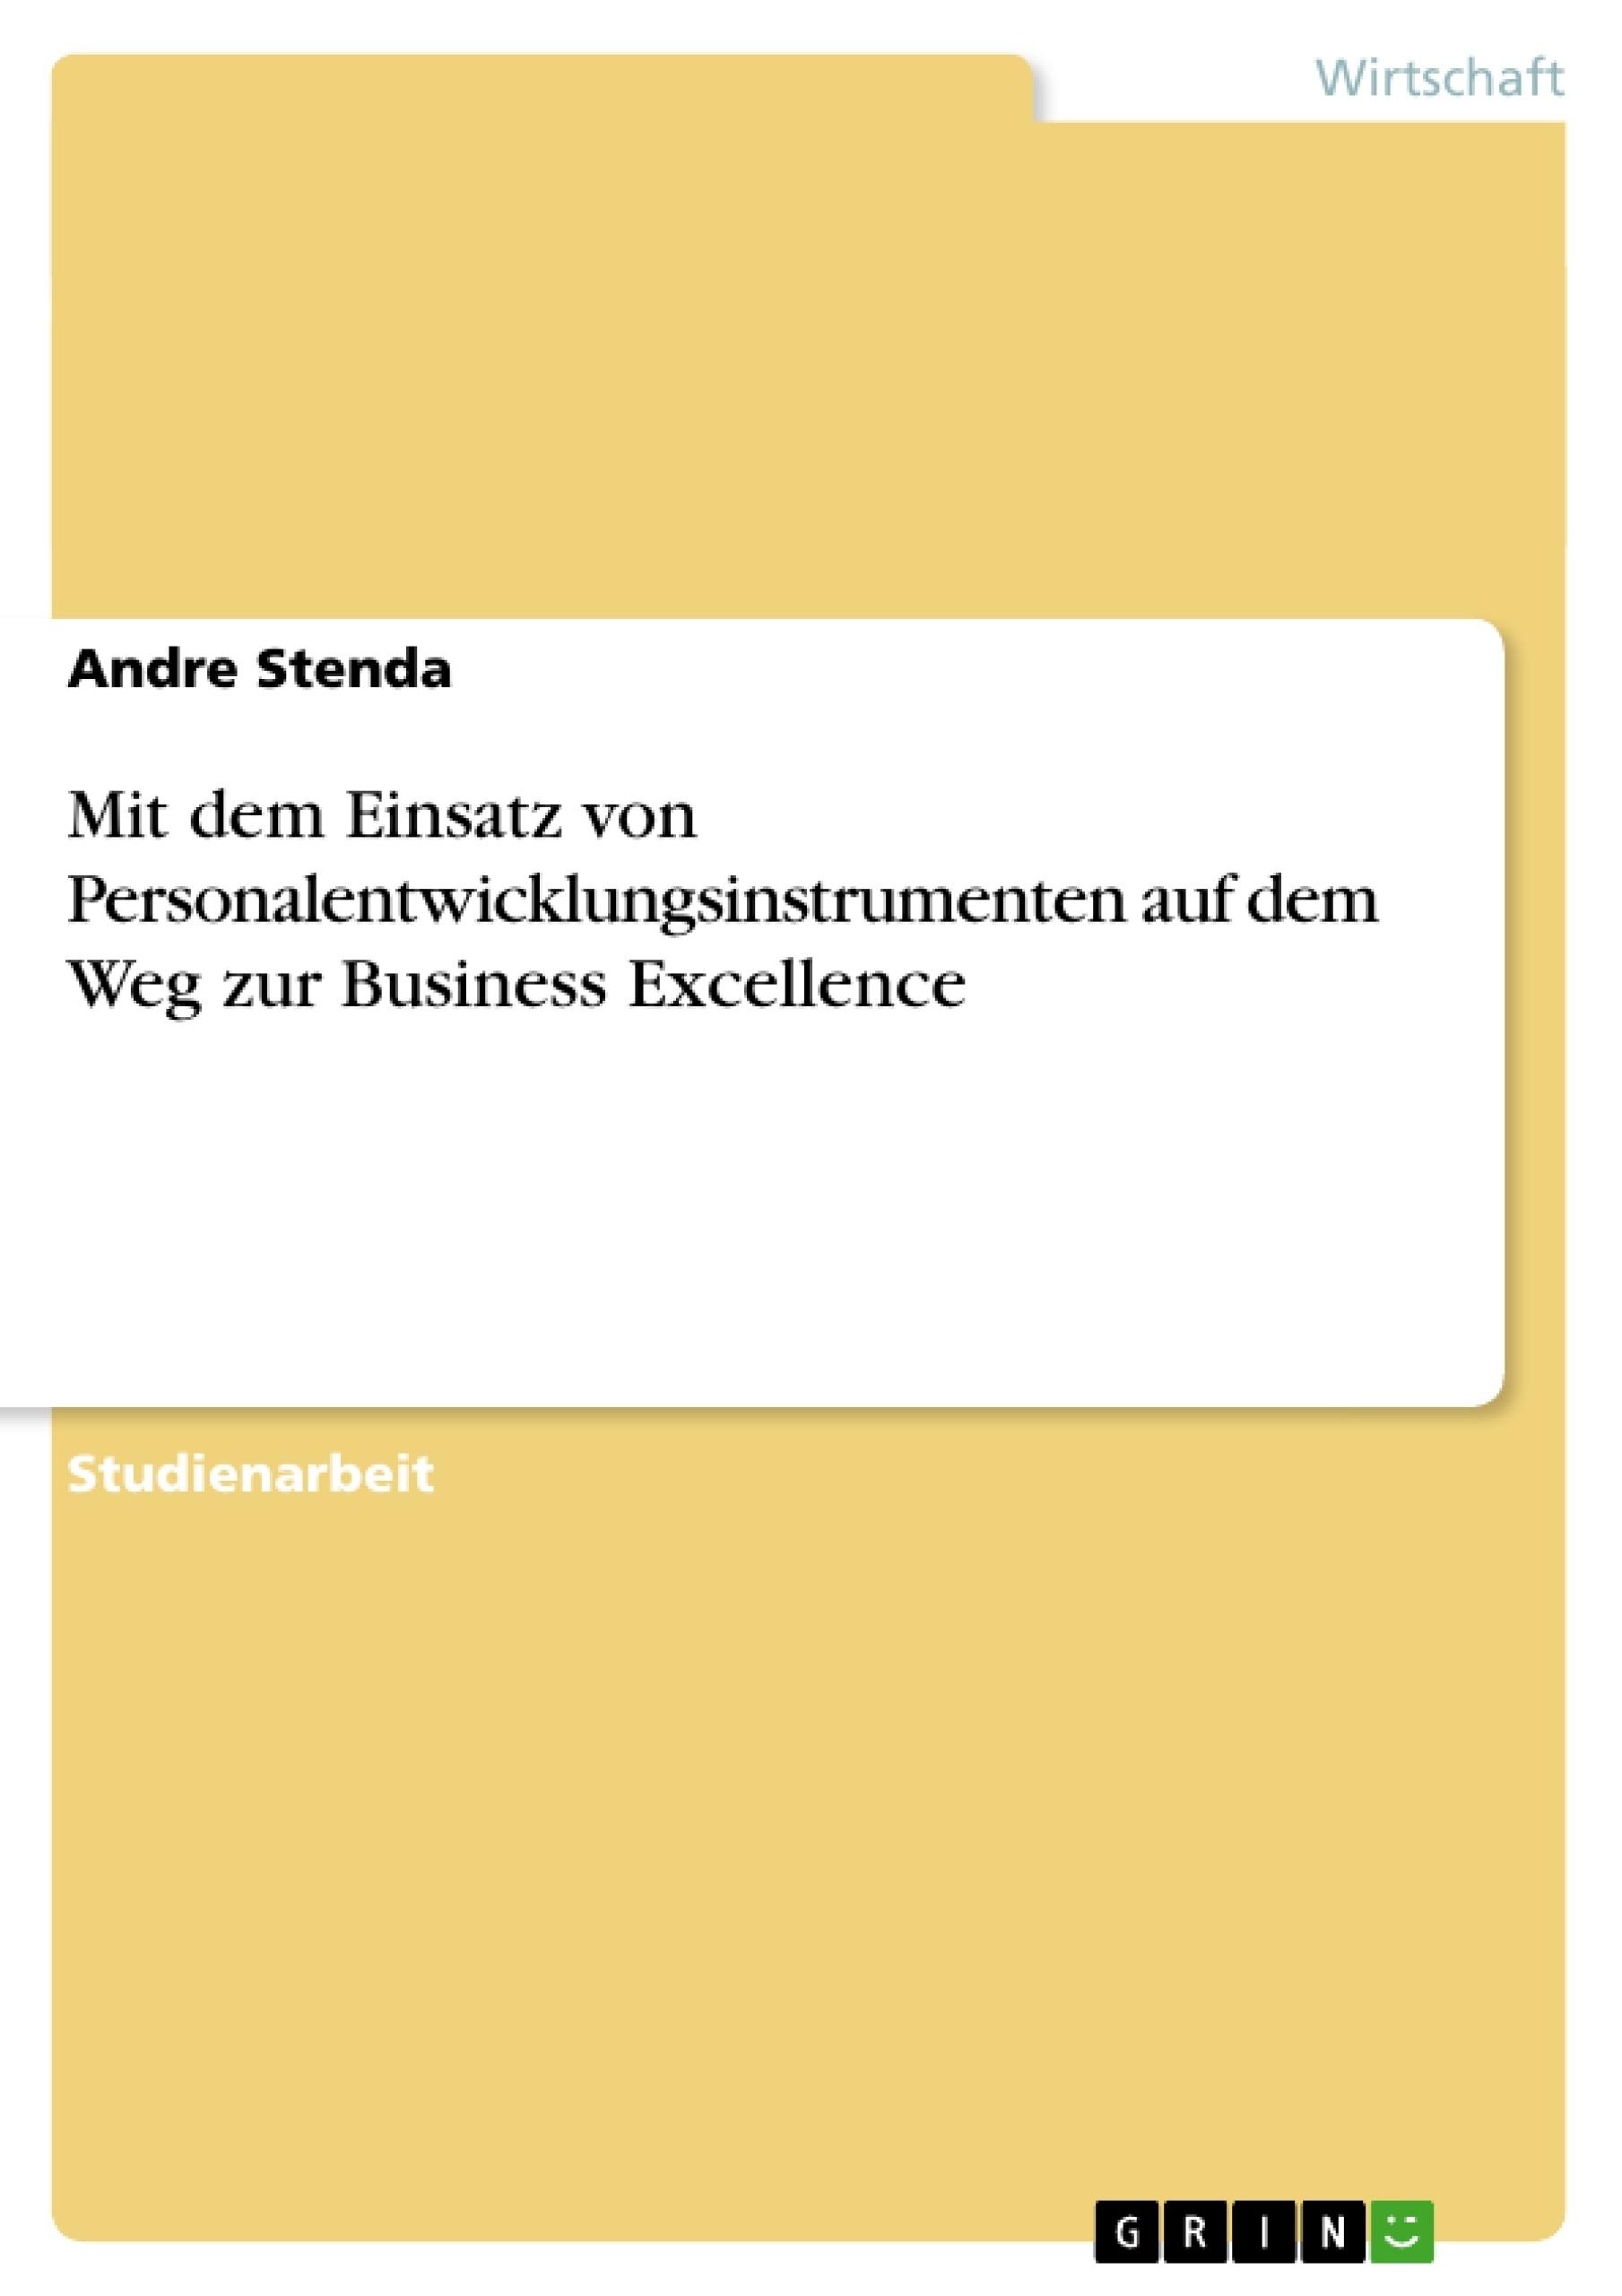 Titel: Mit dem Einsatz von Personalentwicklungsinstrumenten auf dem Weg zur Business Excellence